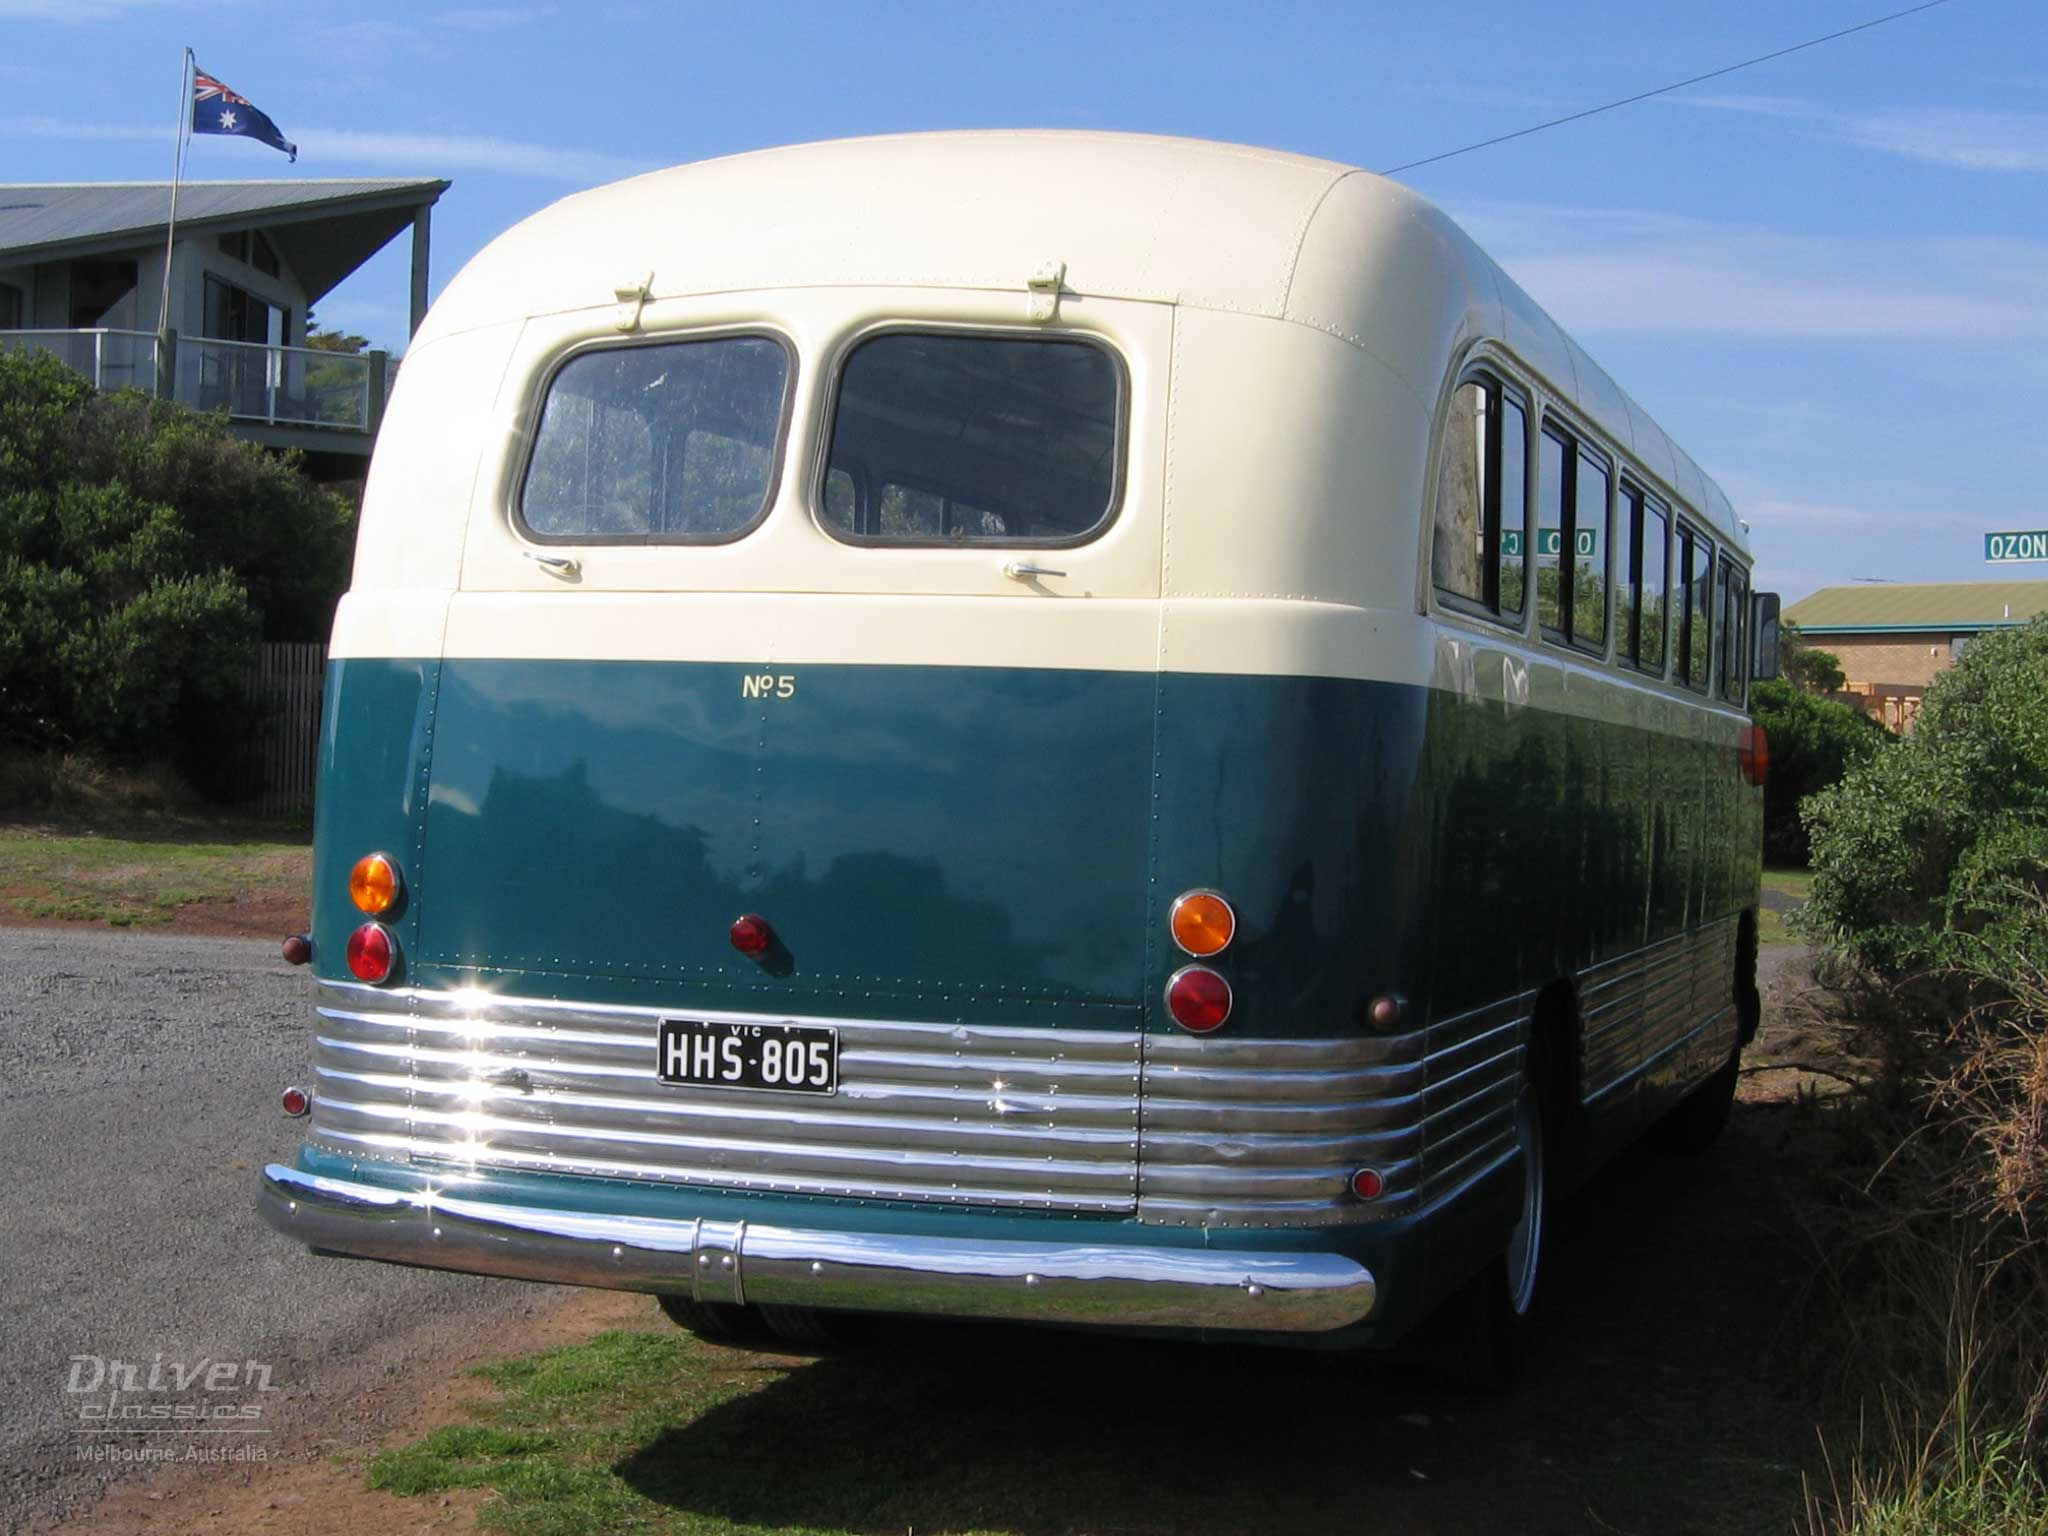 1959 Bedford SB3 bus back